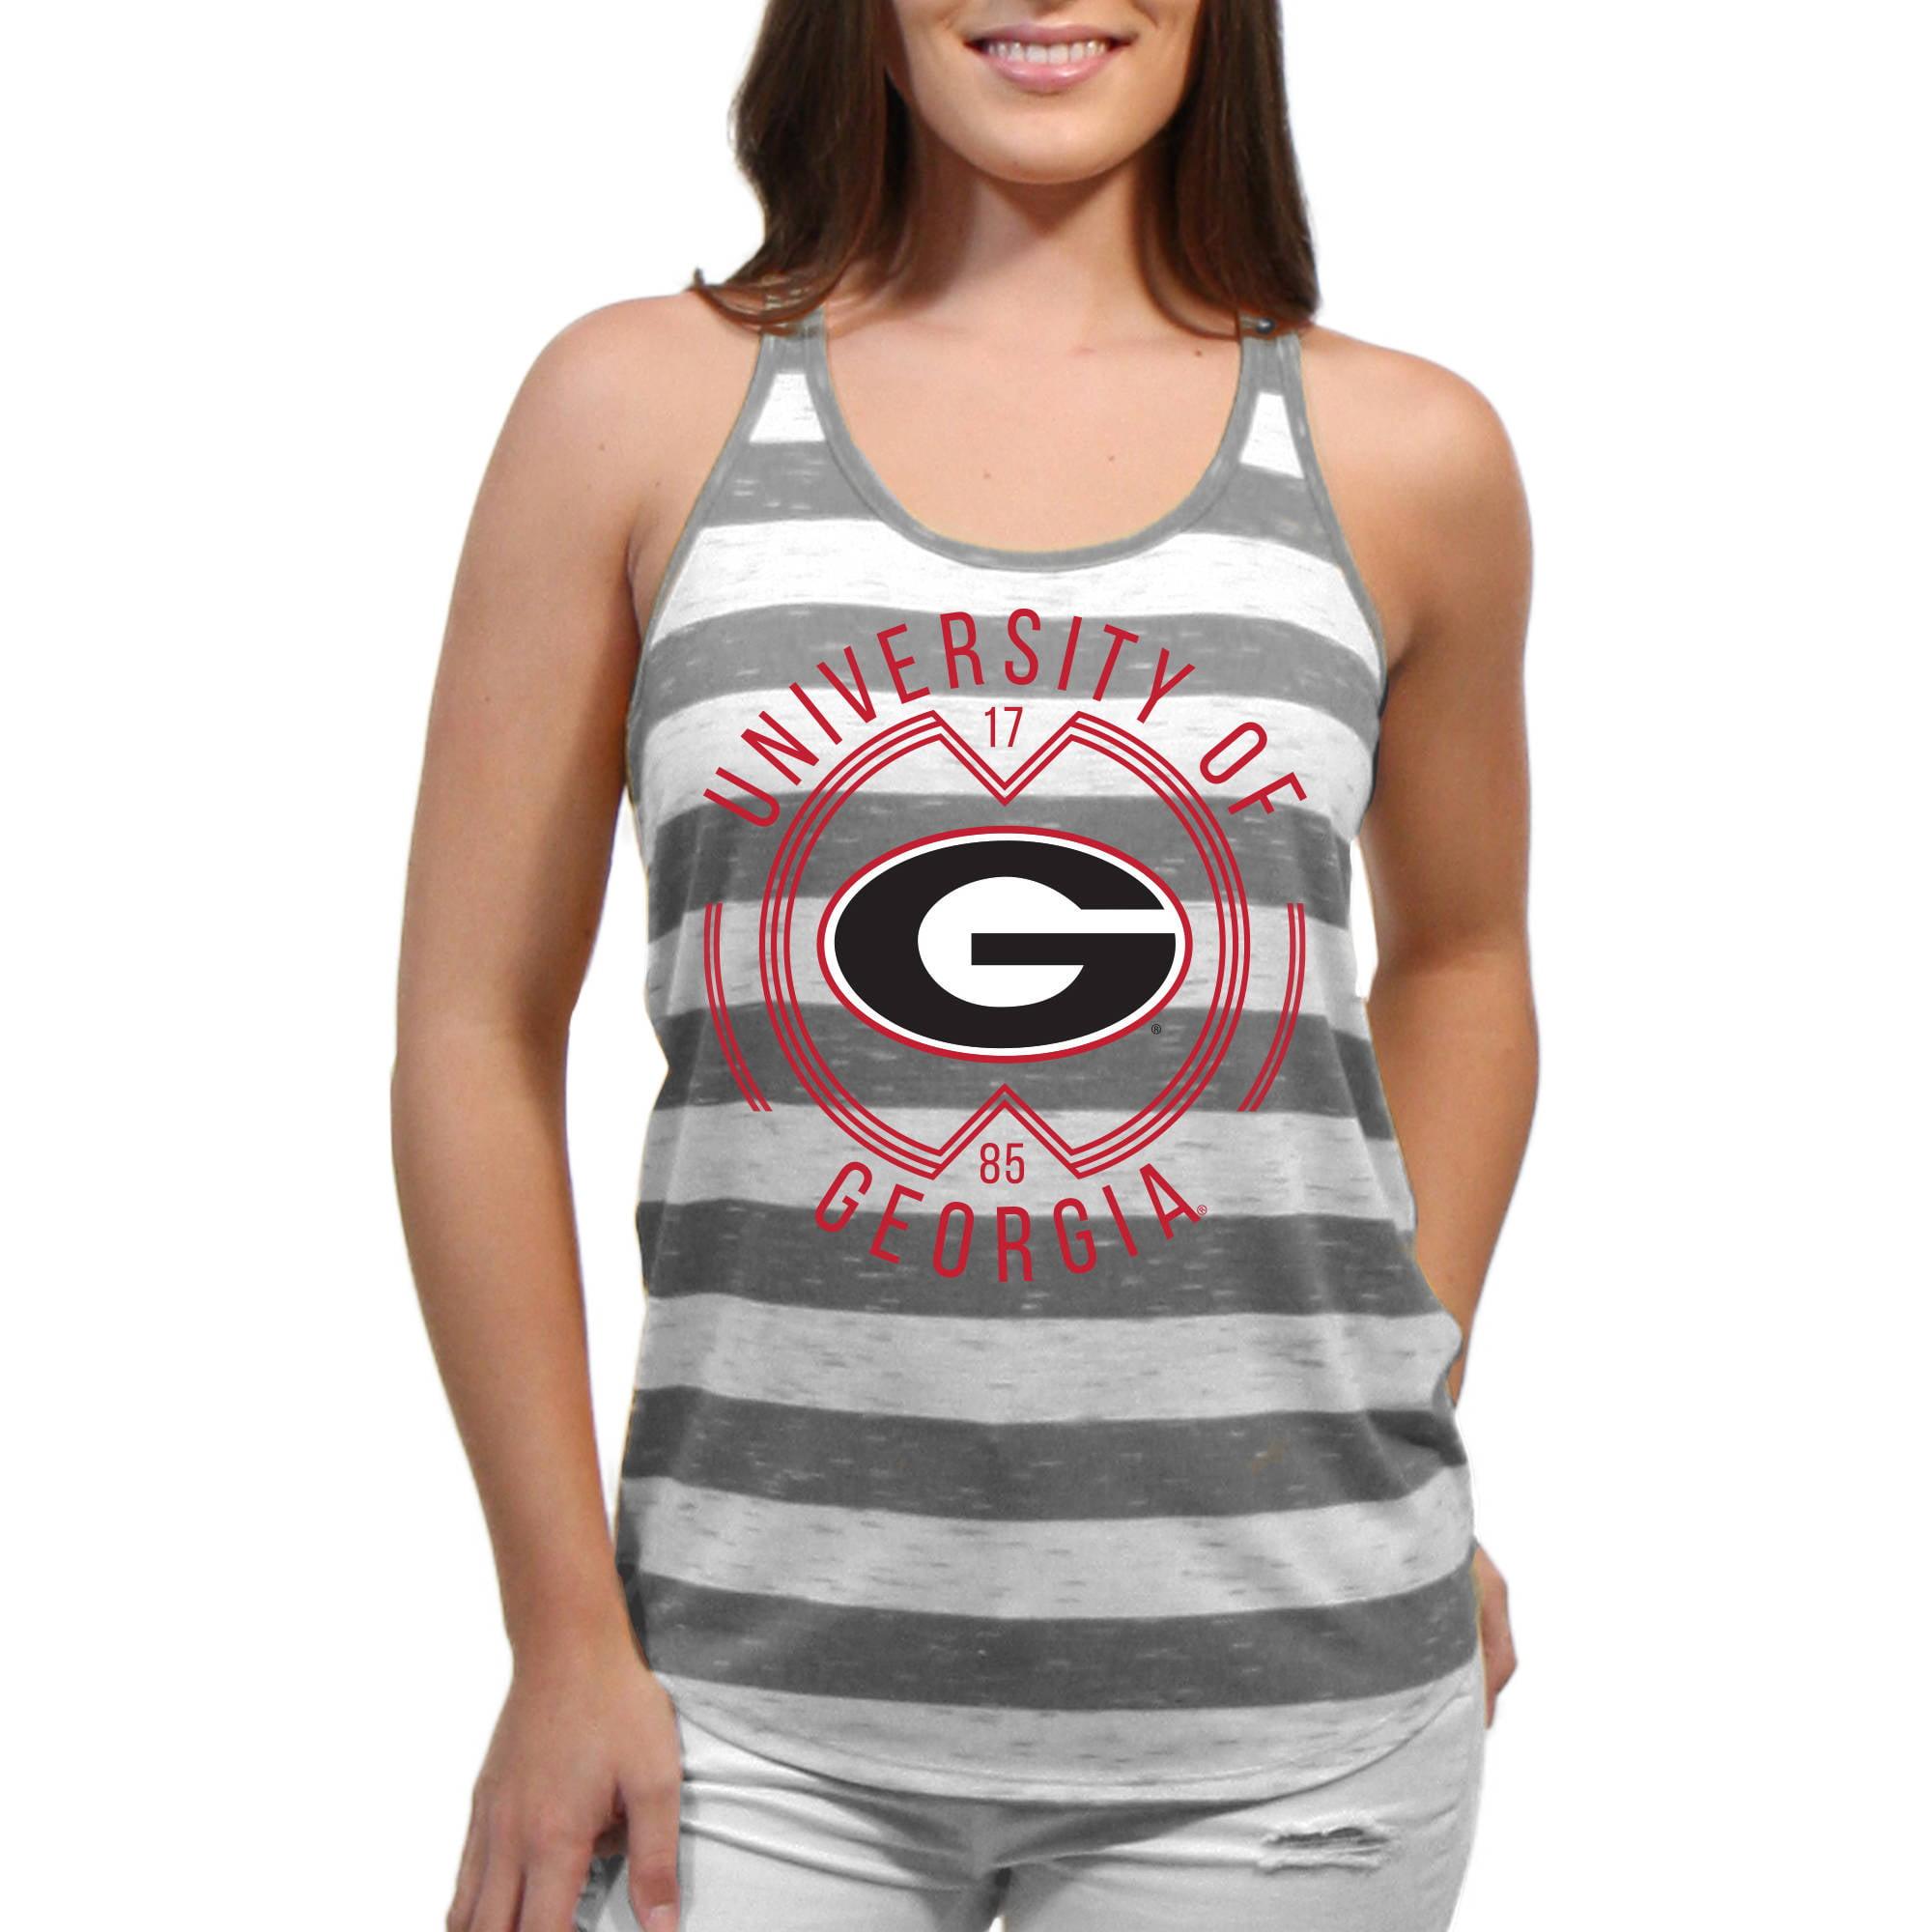 Georgia Bulldogs Intersecting Circles Women'S/Juniors Team Tank Top